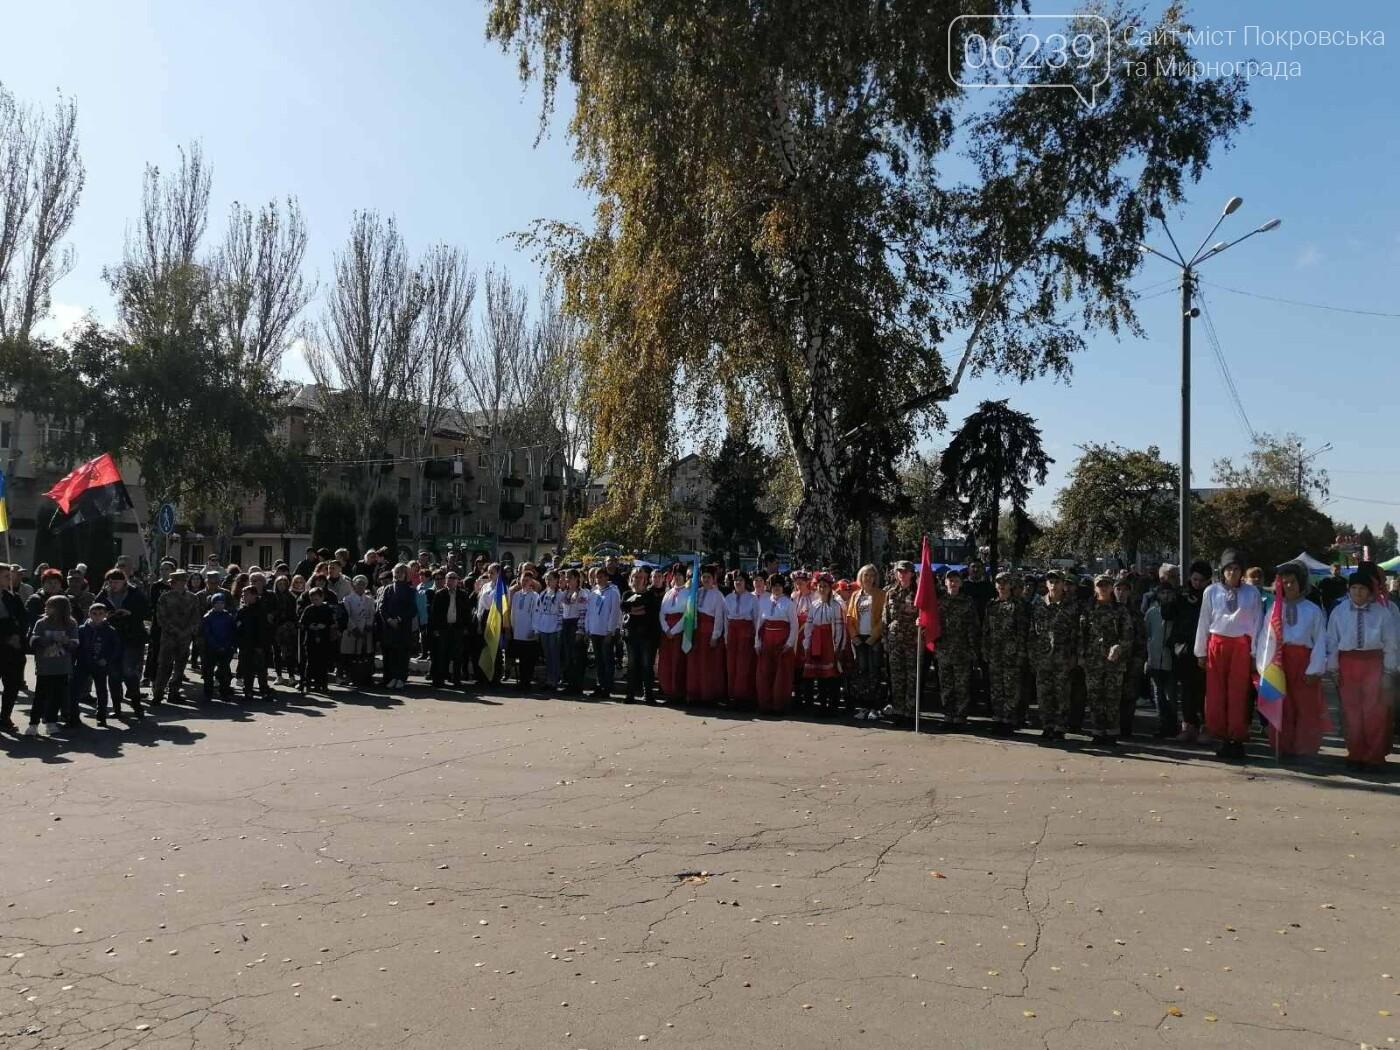 Святкова программа на честь святкування Дня захисника триває у Покровську, фото-14